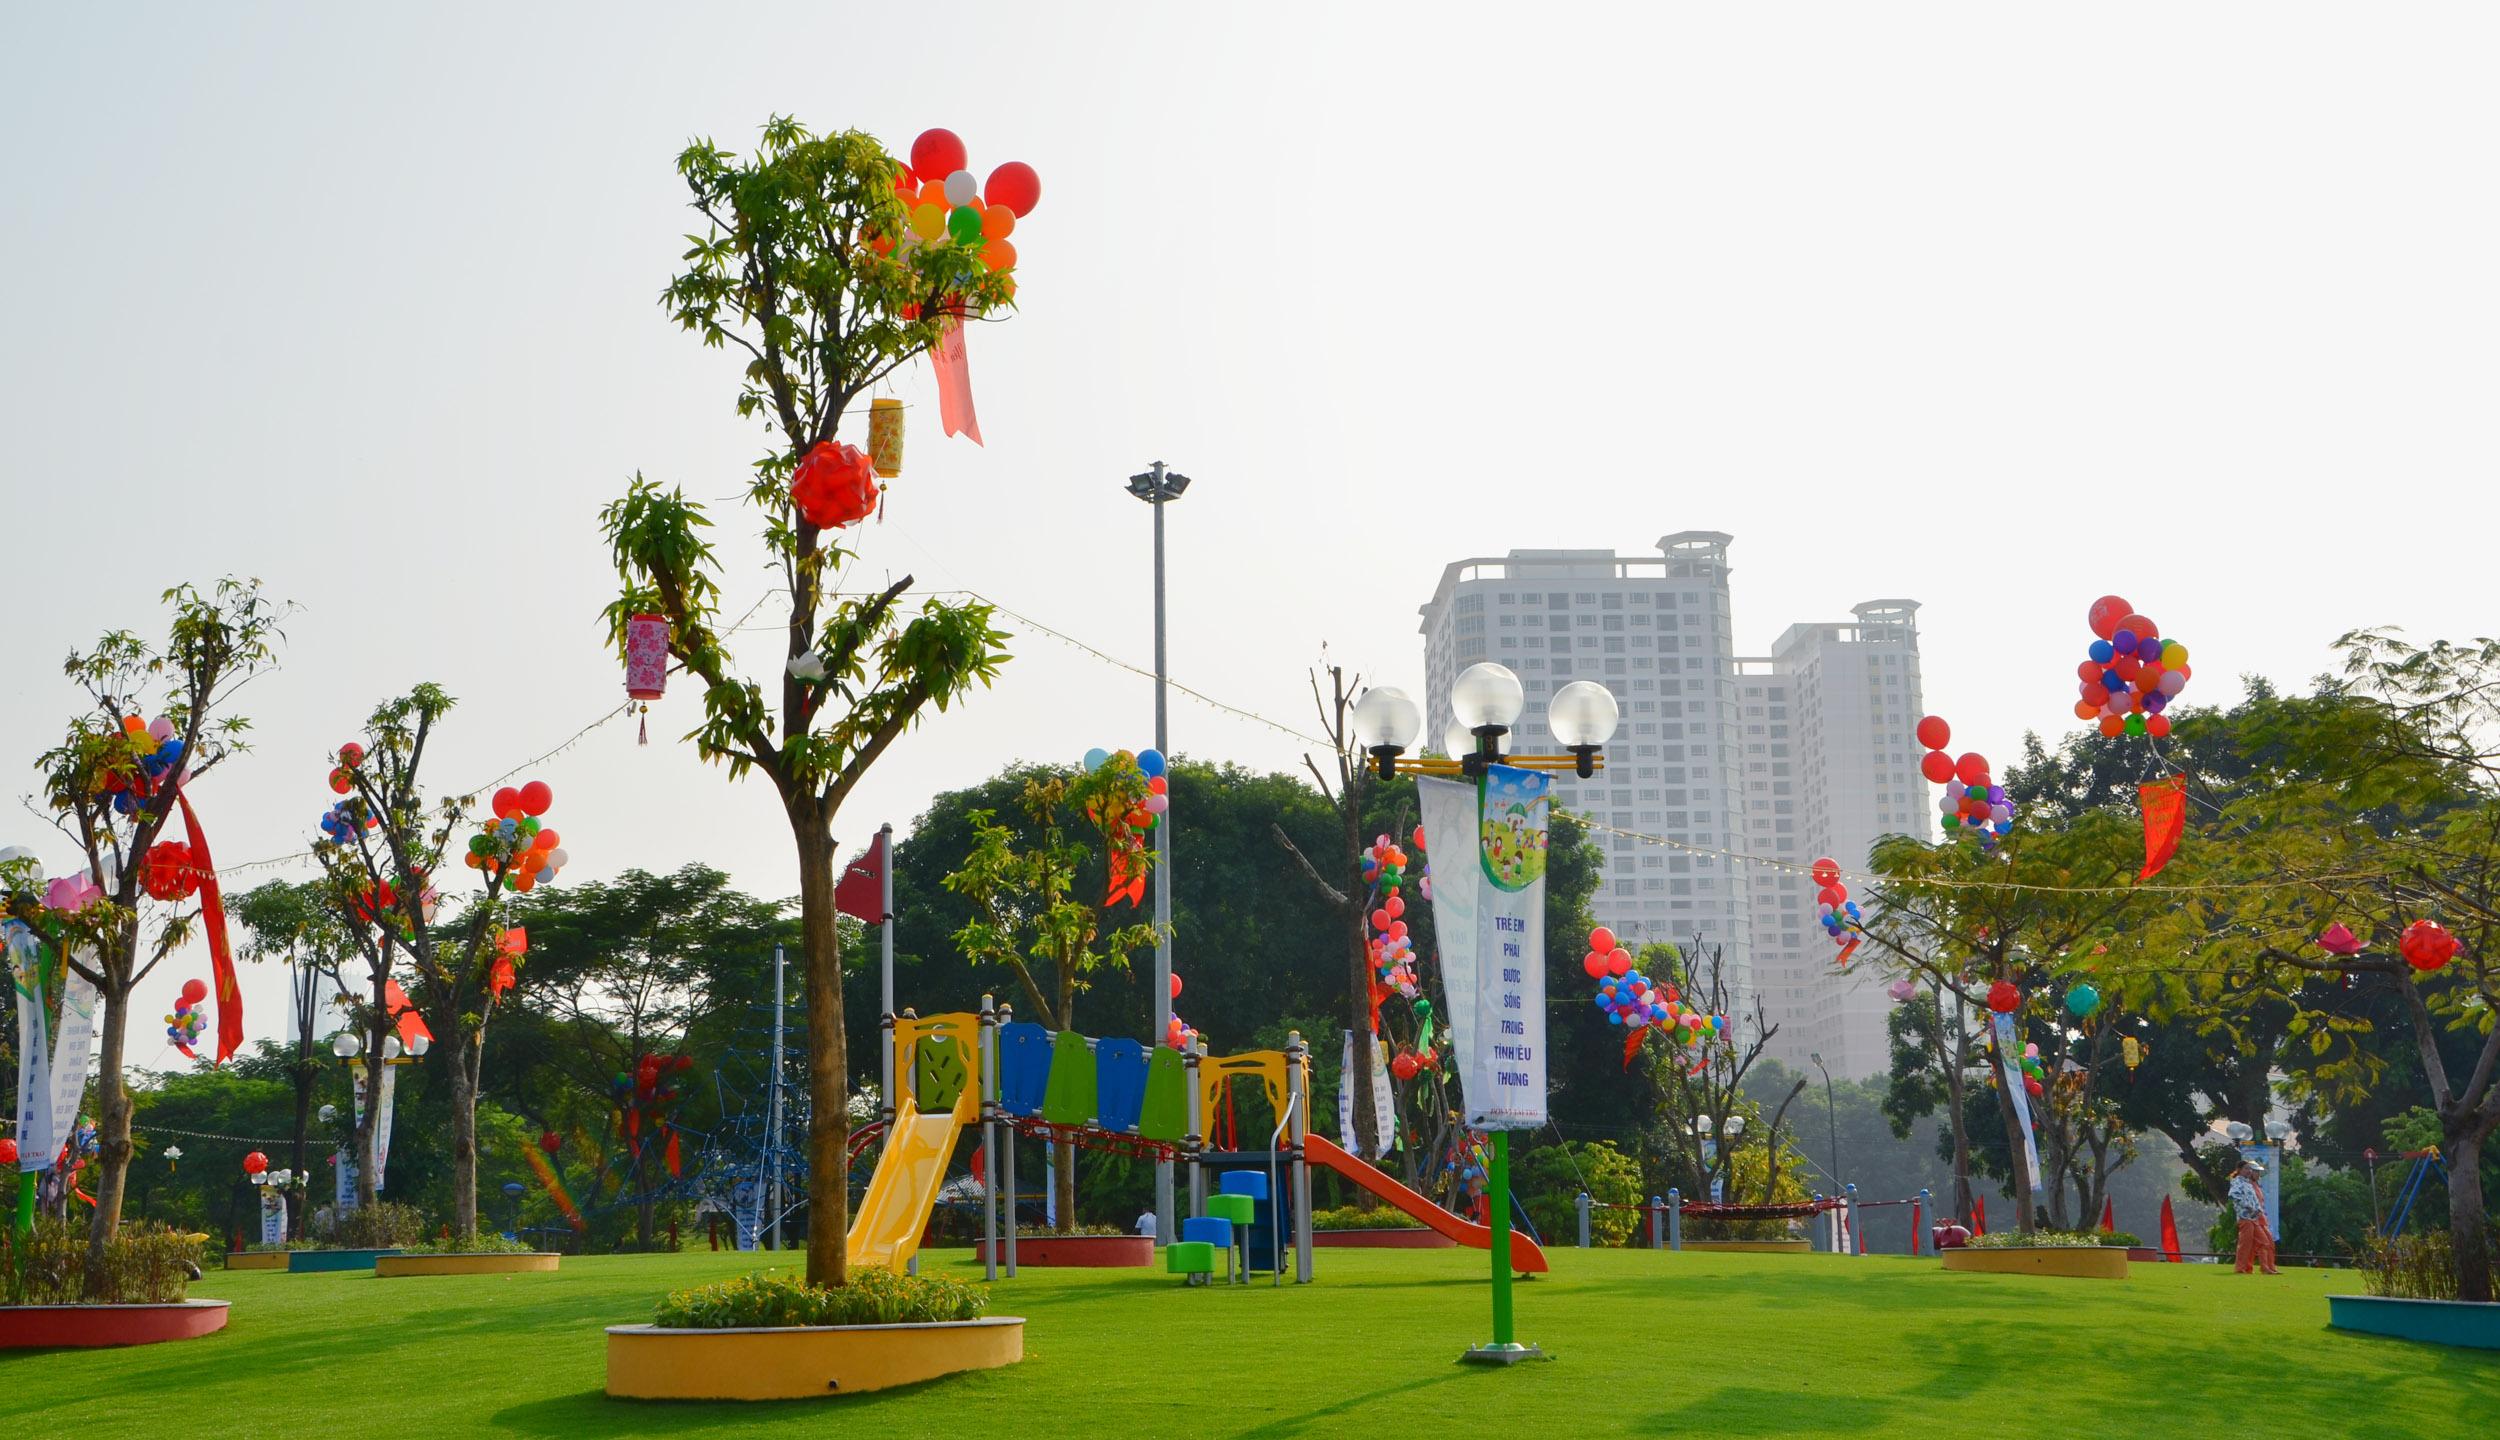 Khu vui chơi trên thảm cỏ xanh trong công viên Nghĩa Đô